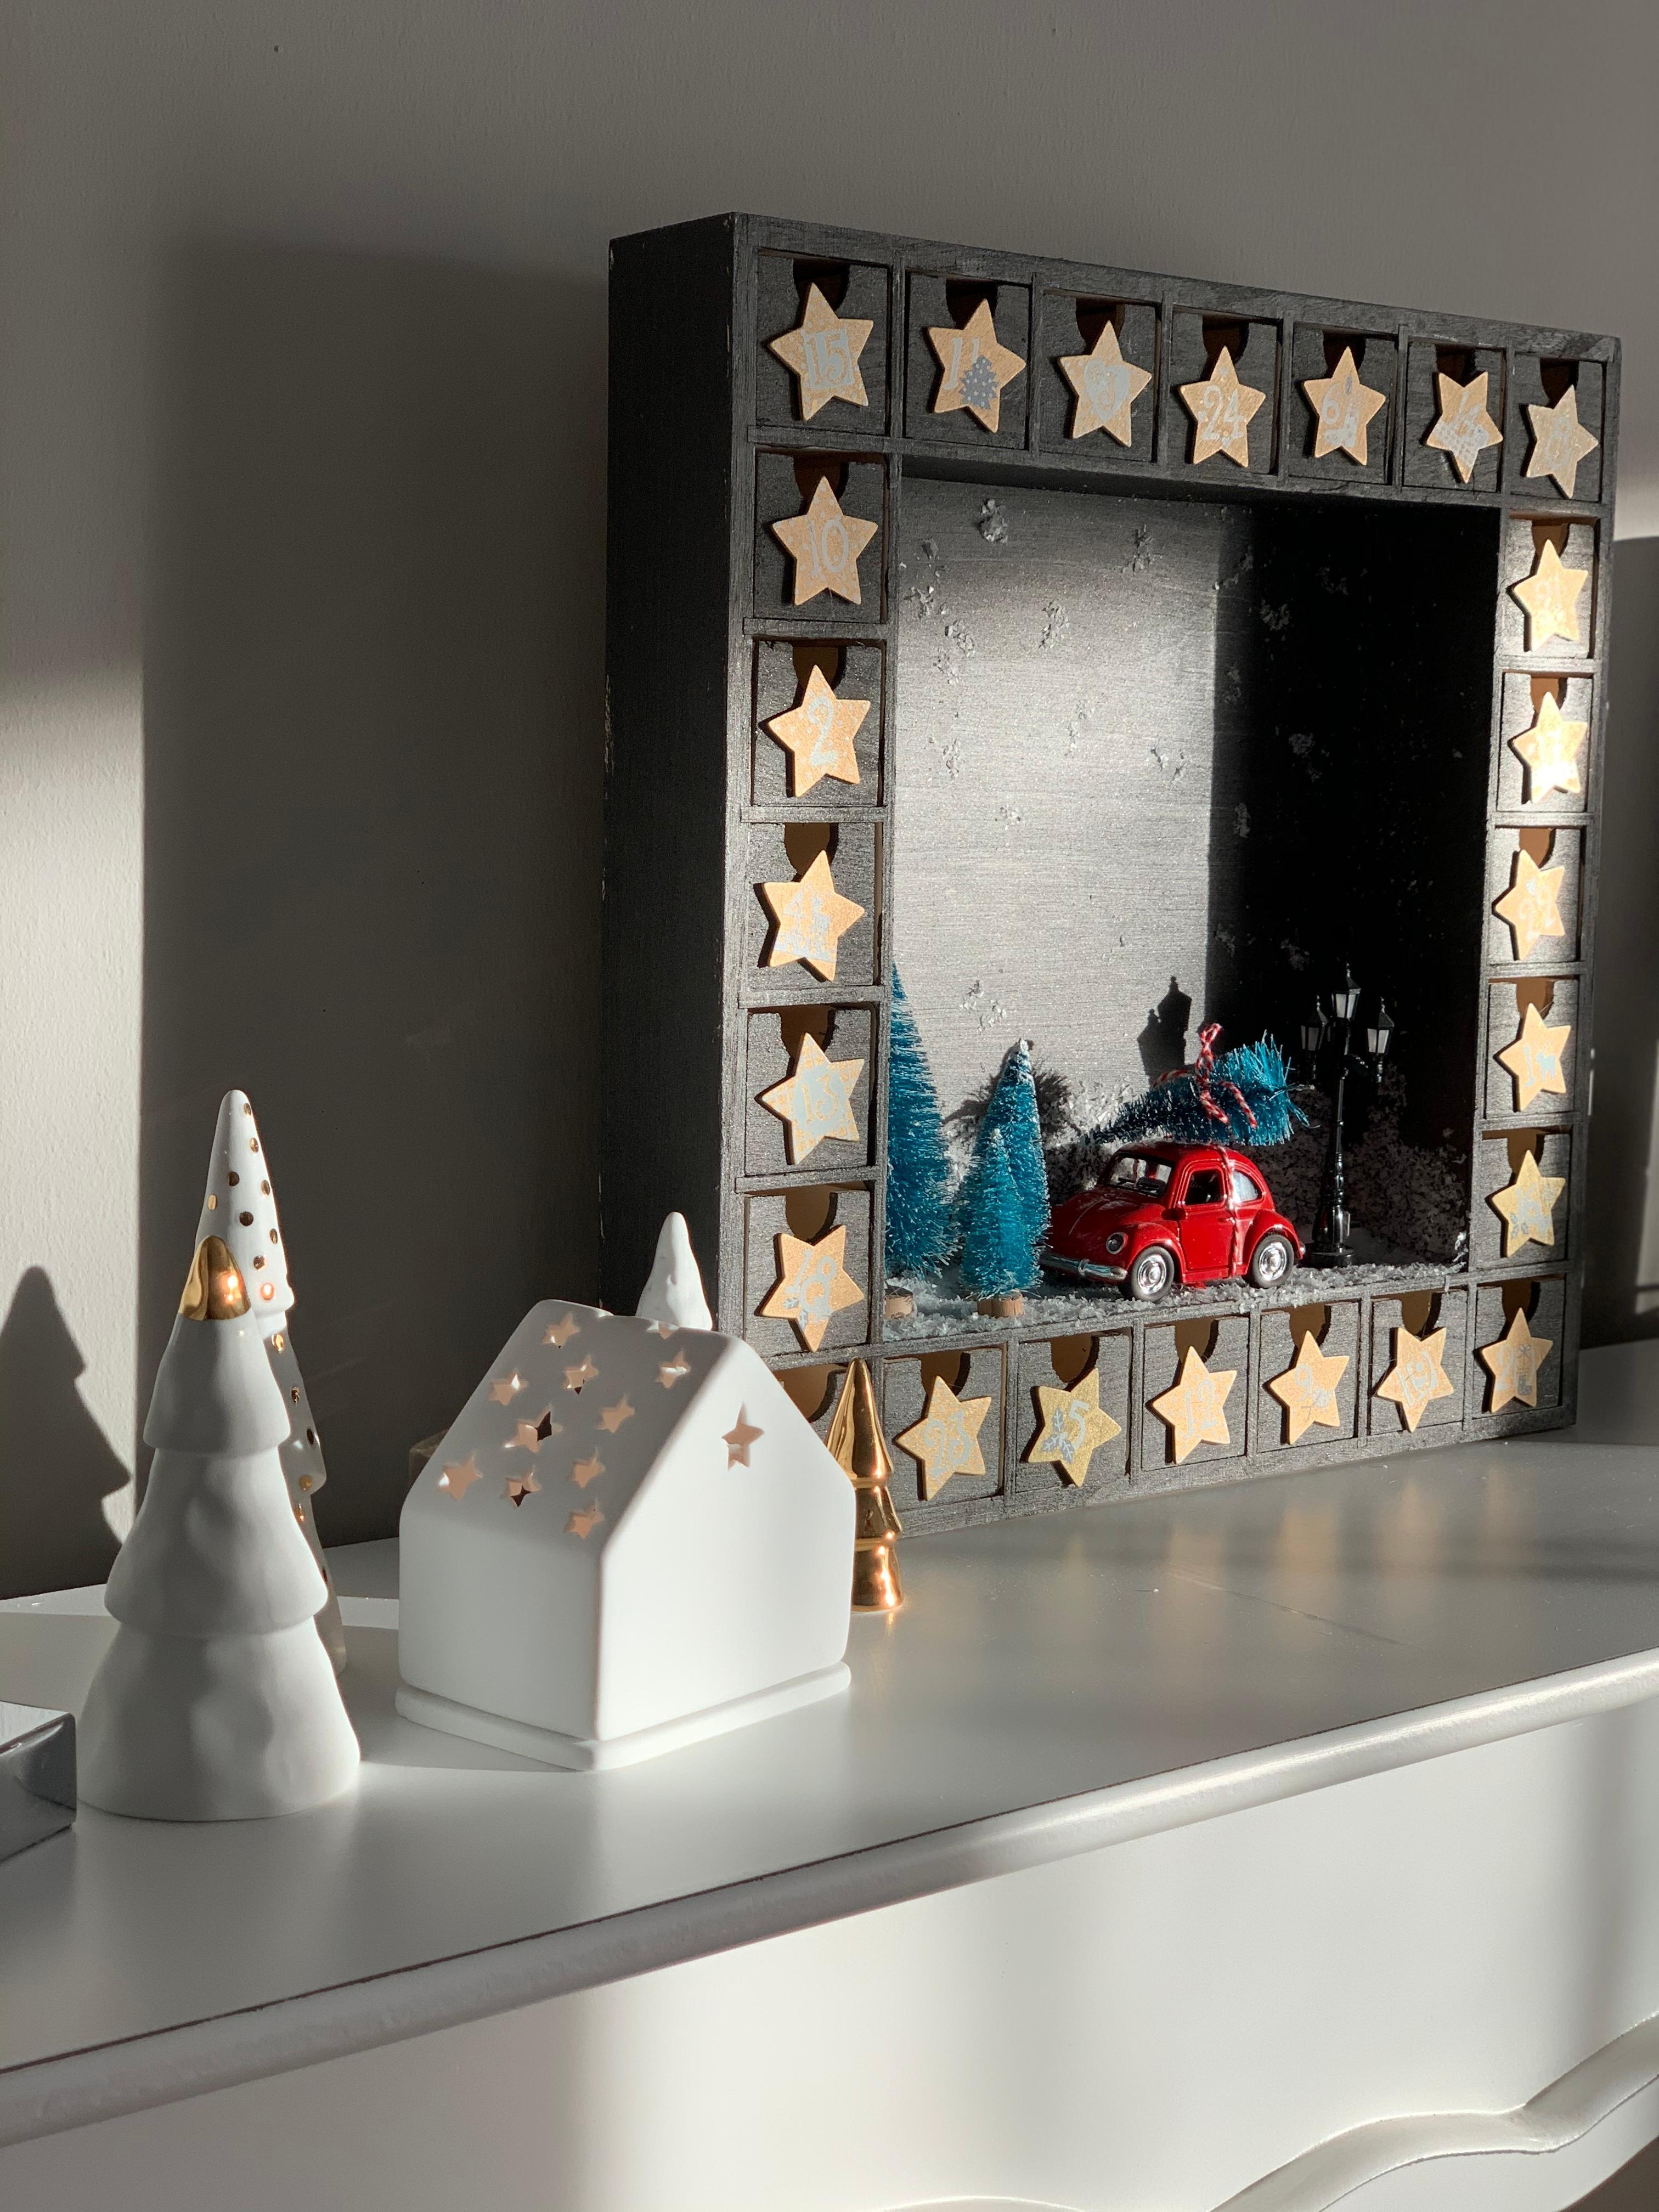 Wohnideen Selbermachen Weihnachten - House Interior ...